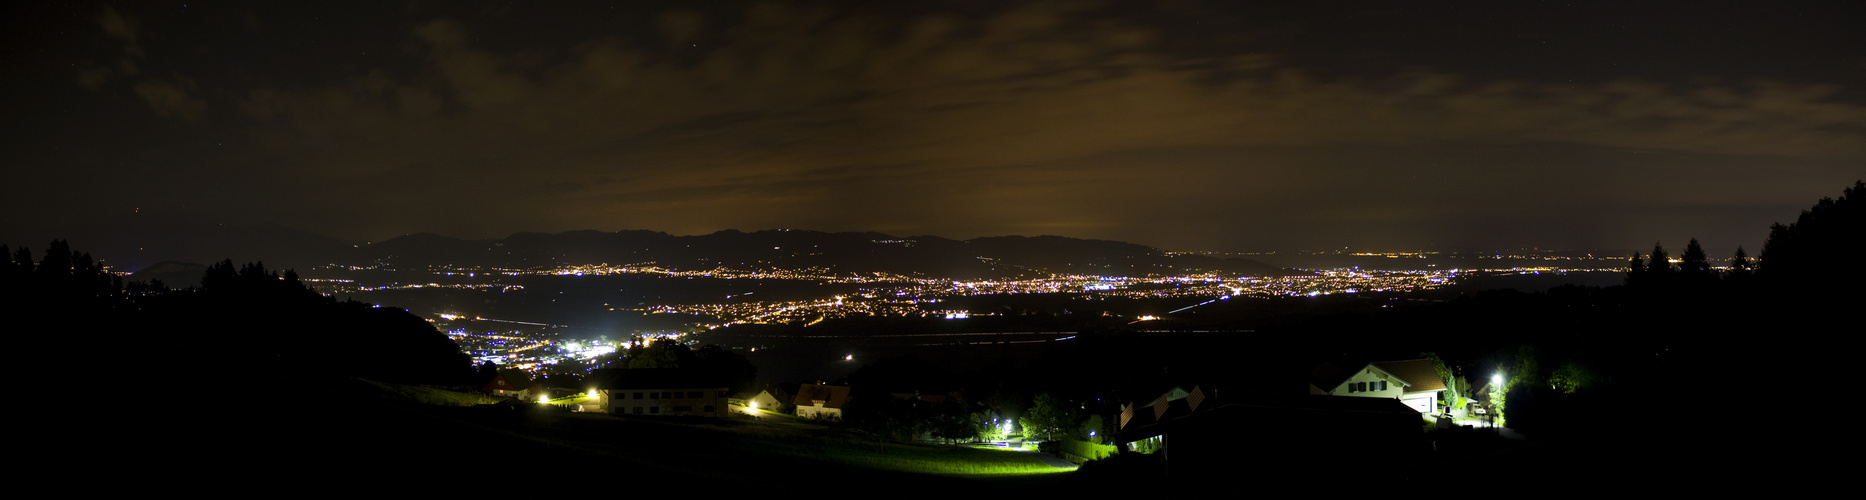 Rheintal at night